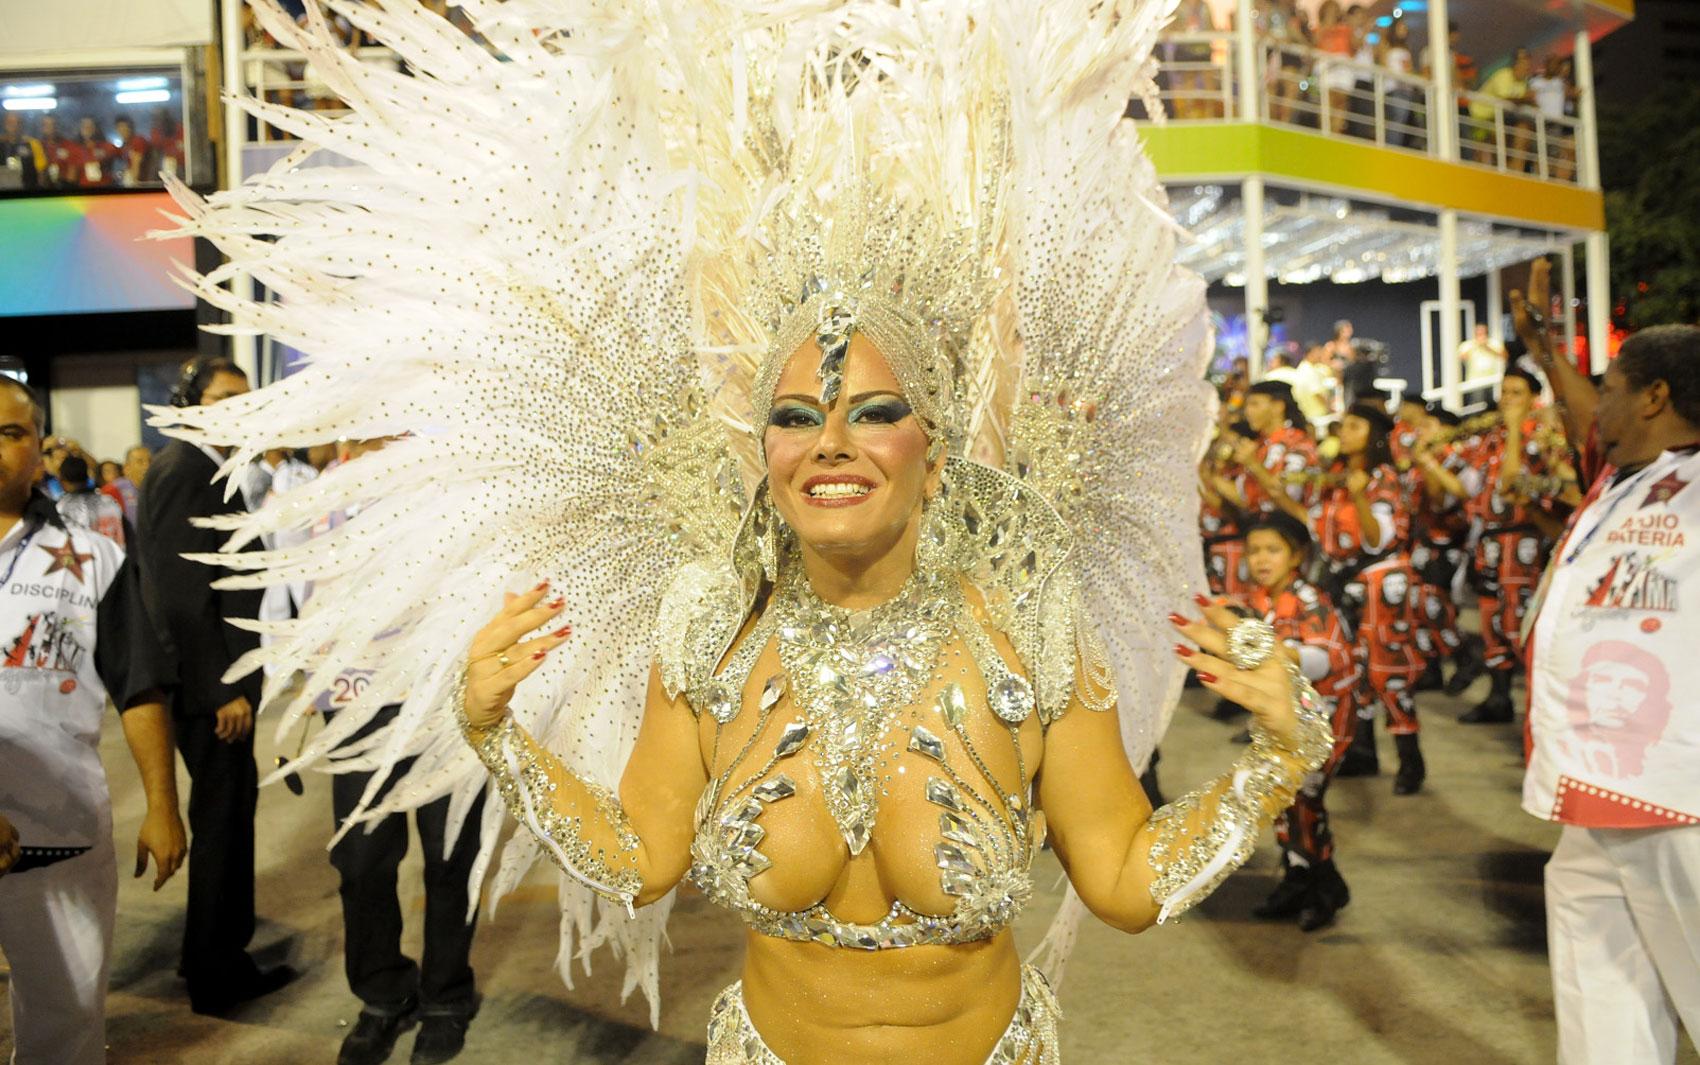 Viviane Araújo desfilou como rainha de bateria da escola Acadêmicos do Salgueiro, que levou à Sapucaí o tema 'Fama', da busca desesperada pelo reconhecimento ao desejo da imortalidade